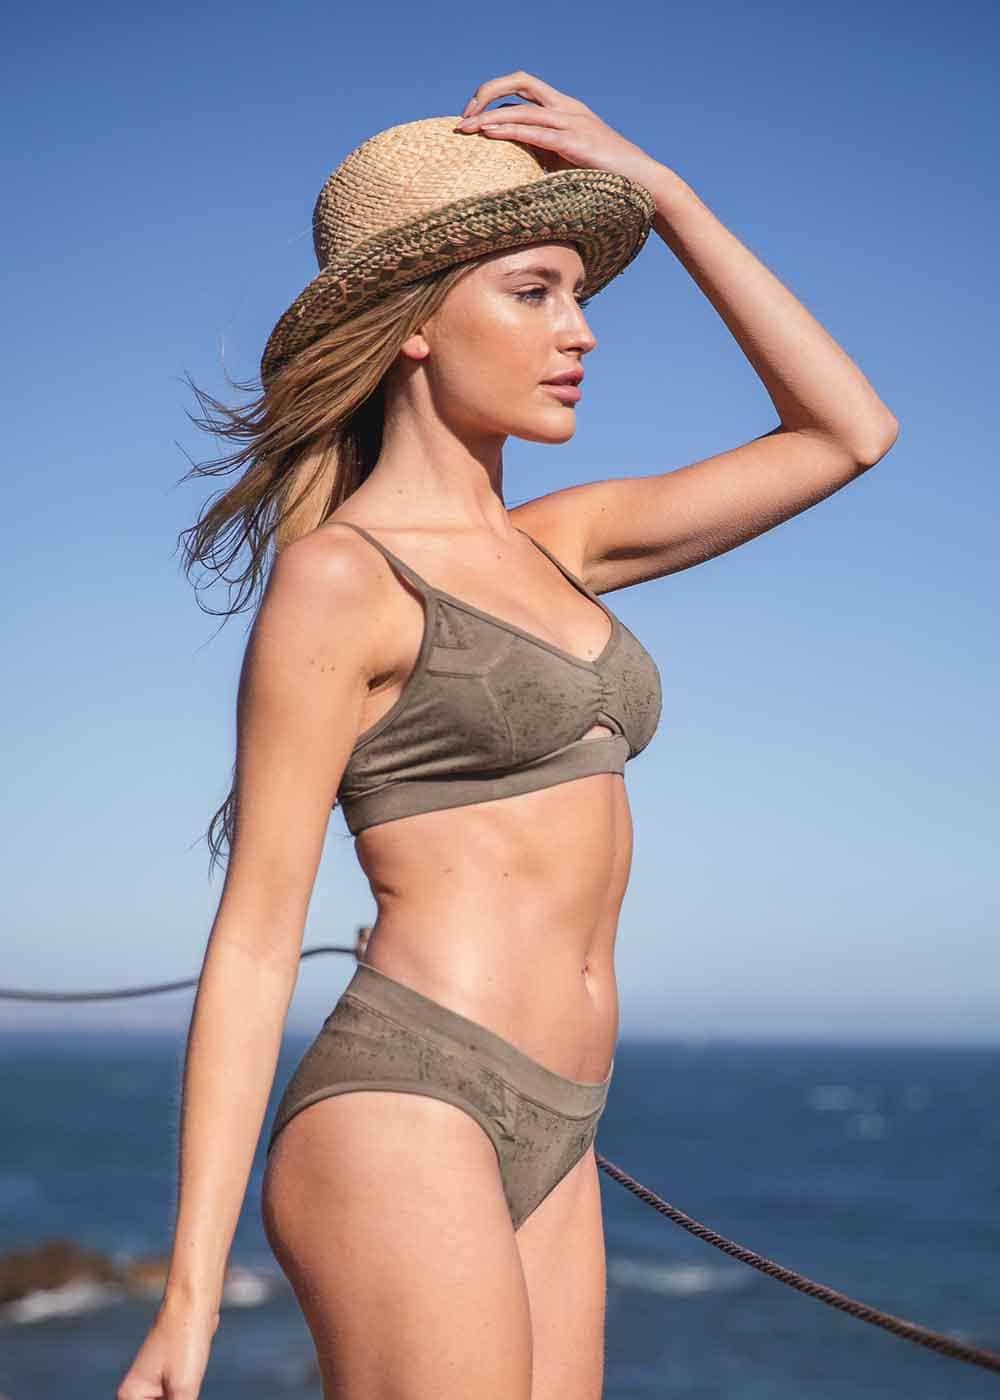 Aviva Underwear in Hemp & Organic Cotton, by Nomads Hemp Wear